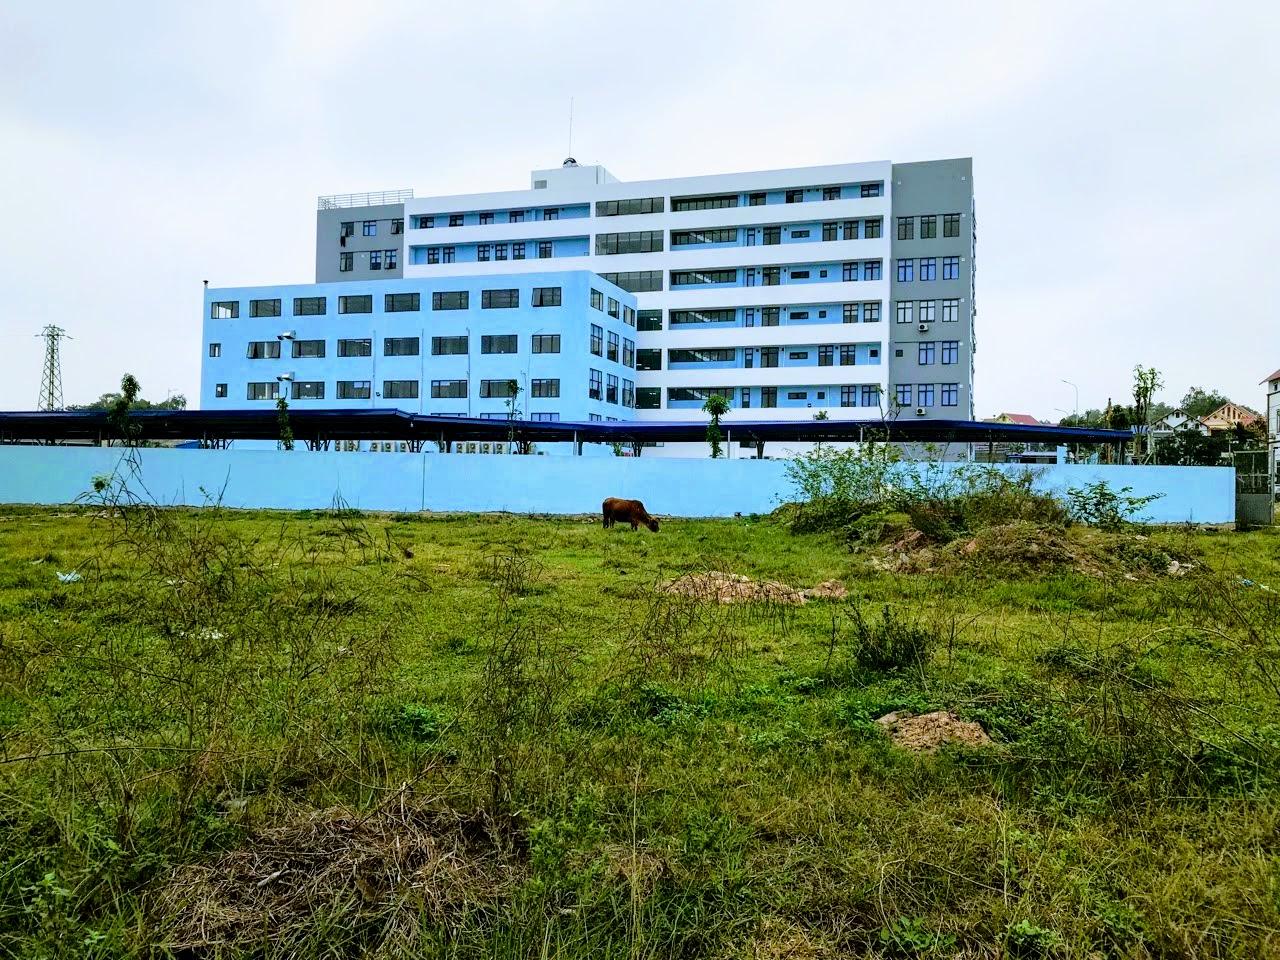 Lô đất gần bệnh viện Yên Bình Nam Tiến ngã 3 Trần Nguyên Hãn và đường QL 3Phổ Yên